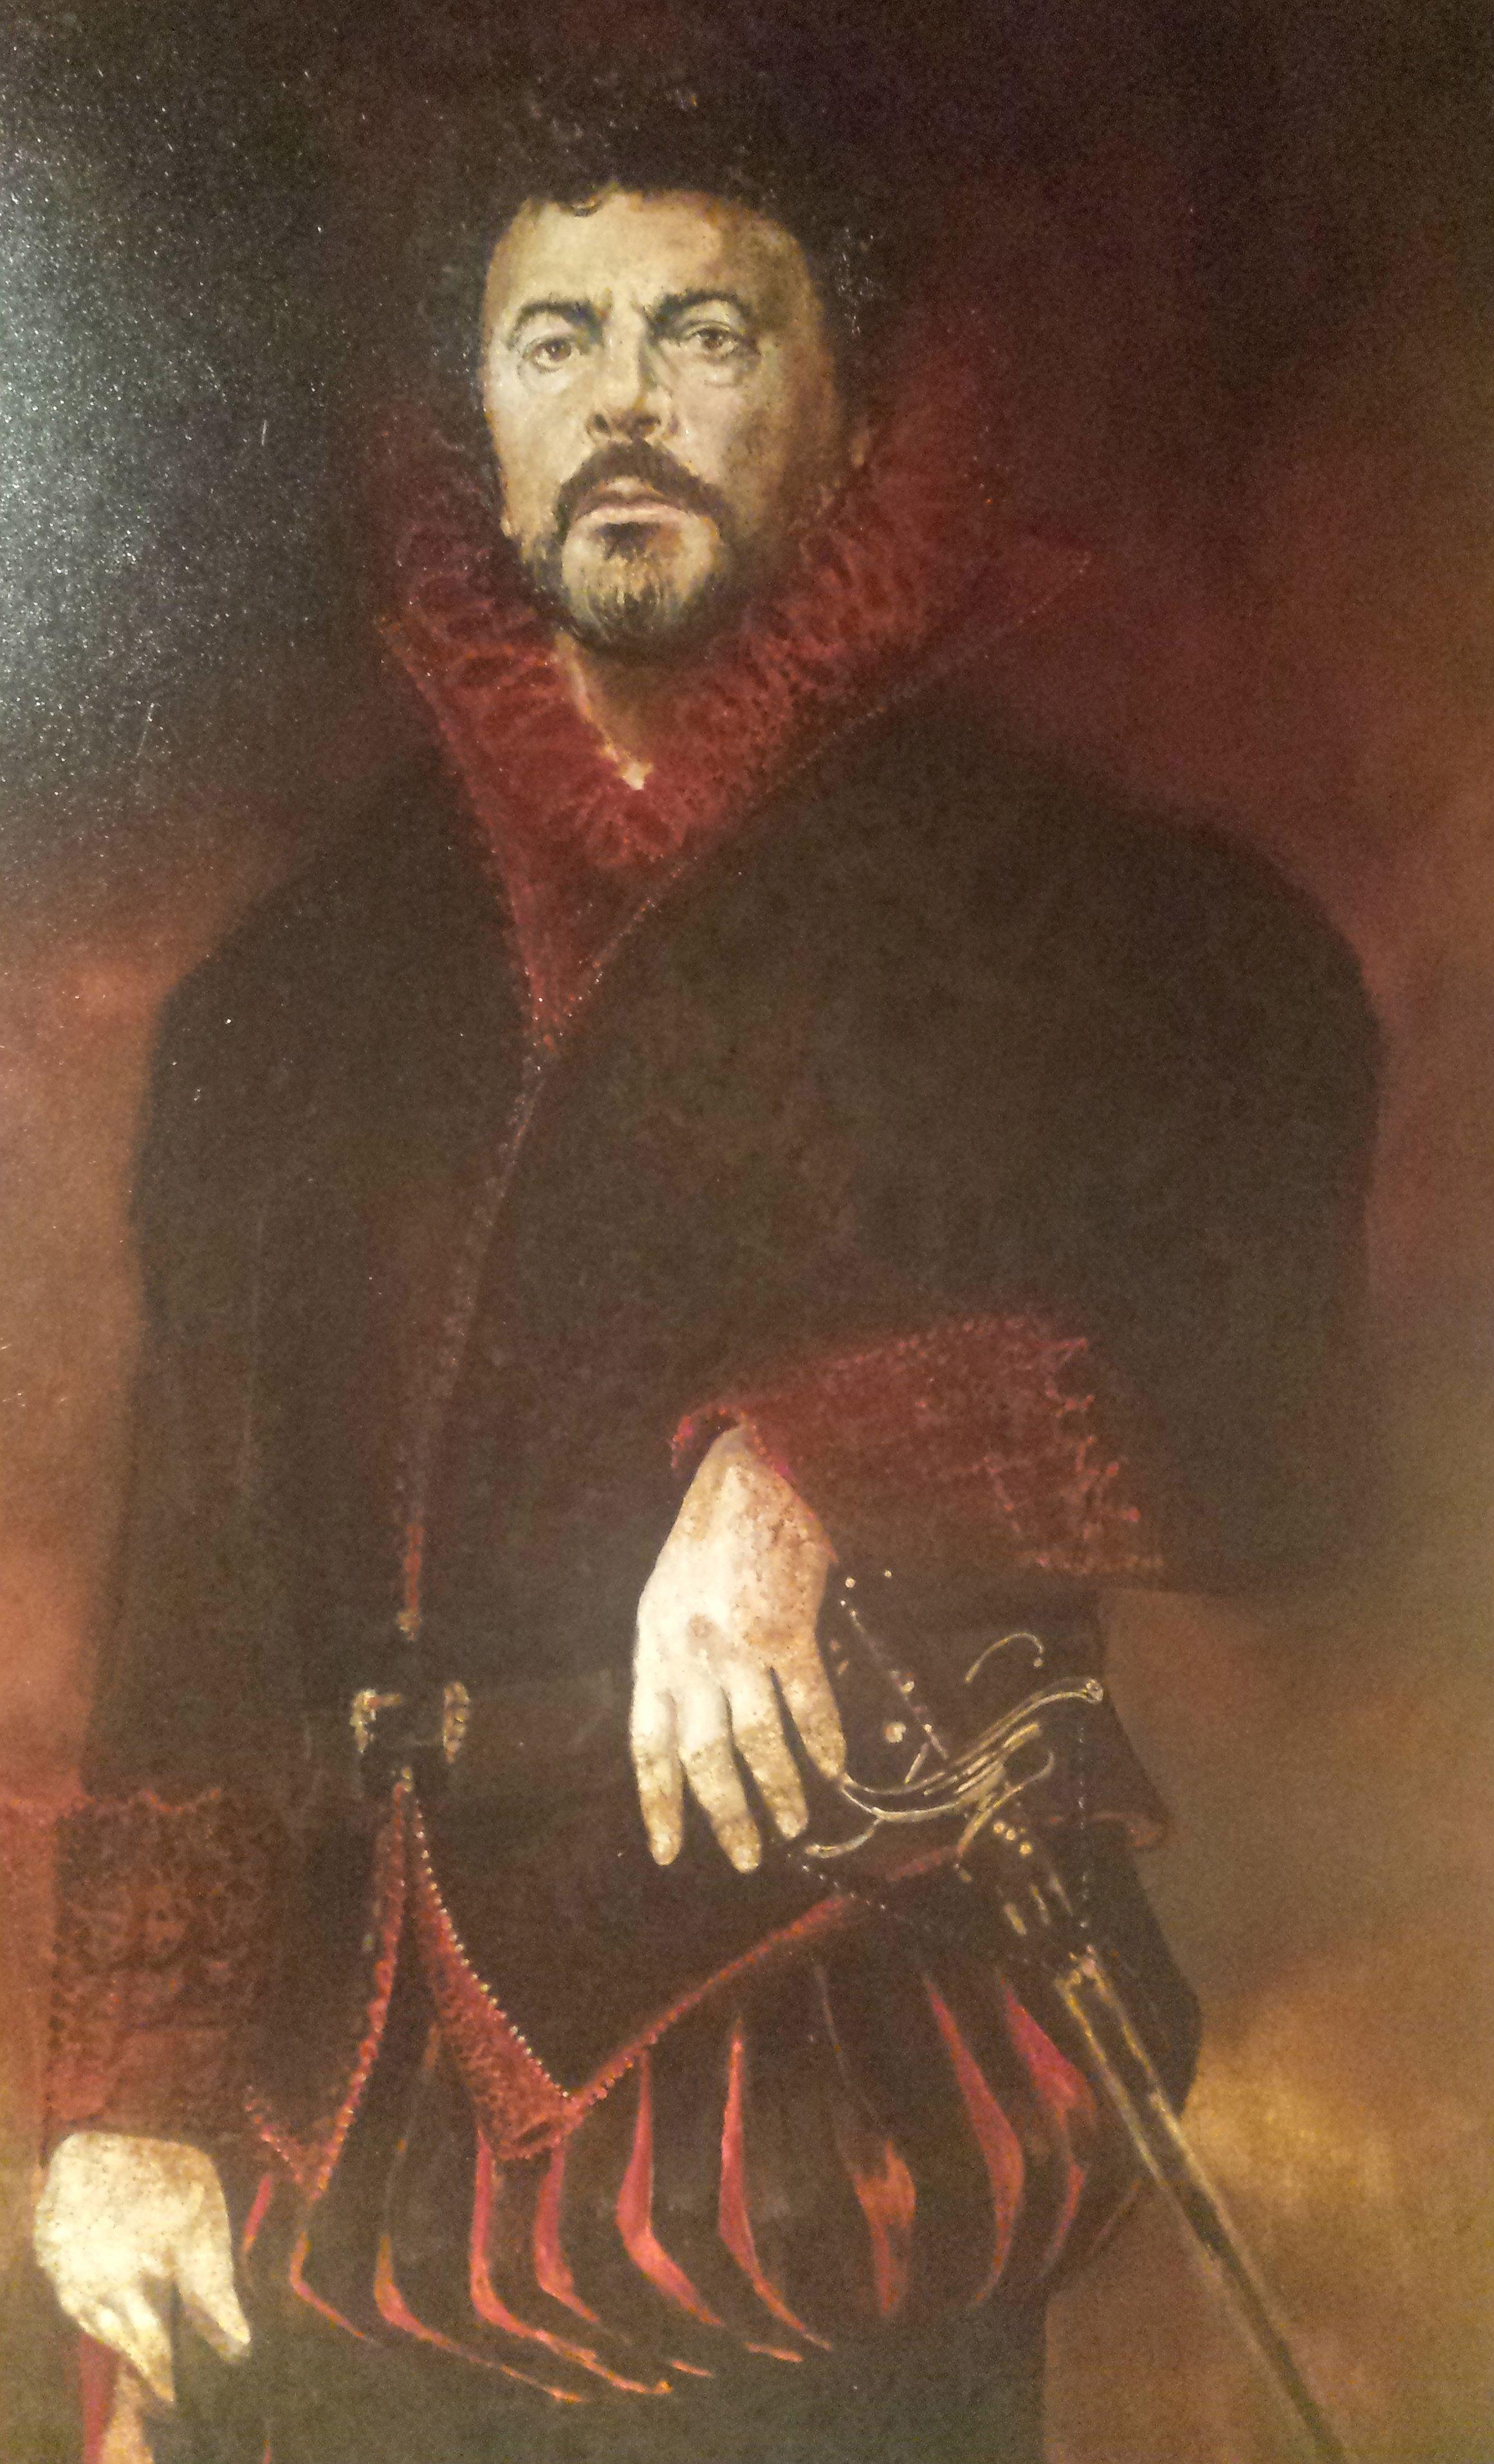 """Gemälde: Bernd Weikl als """"Figaro"""" bei seinem Debüt an der Wiener Staatsoper im Jahr 1972 im """"Barbiere di Siviglia"""" von Gioachino Rossini."""